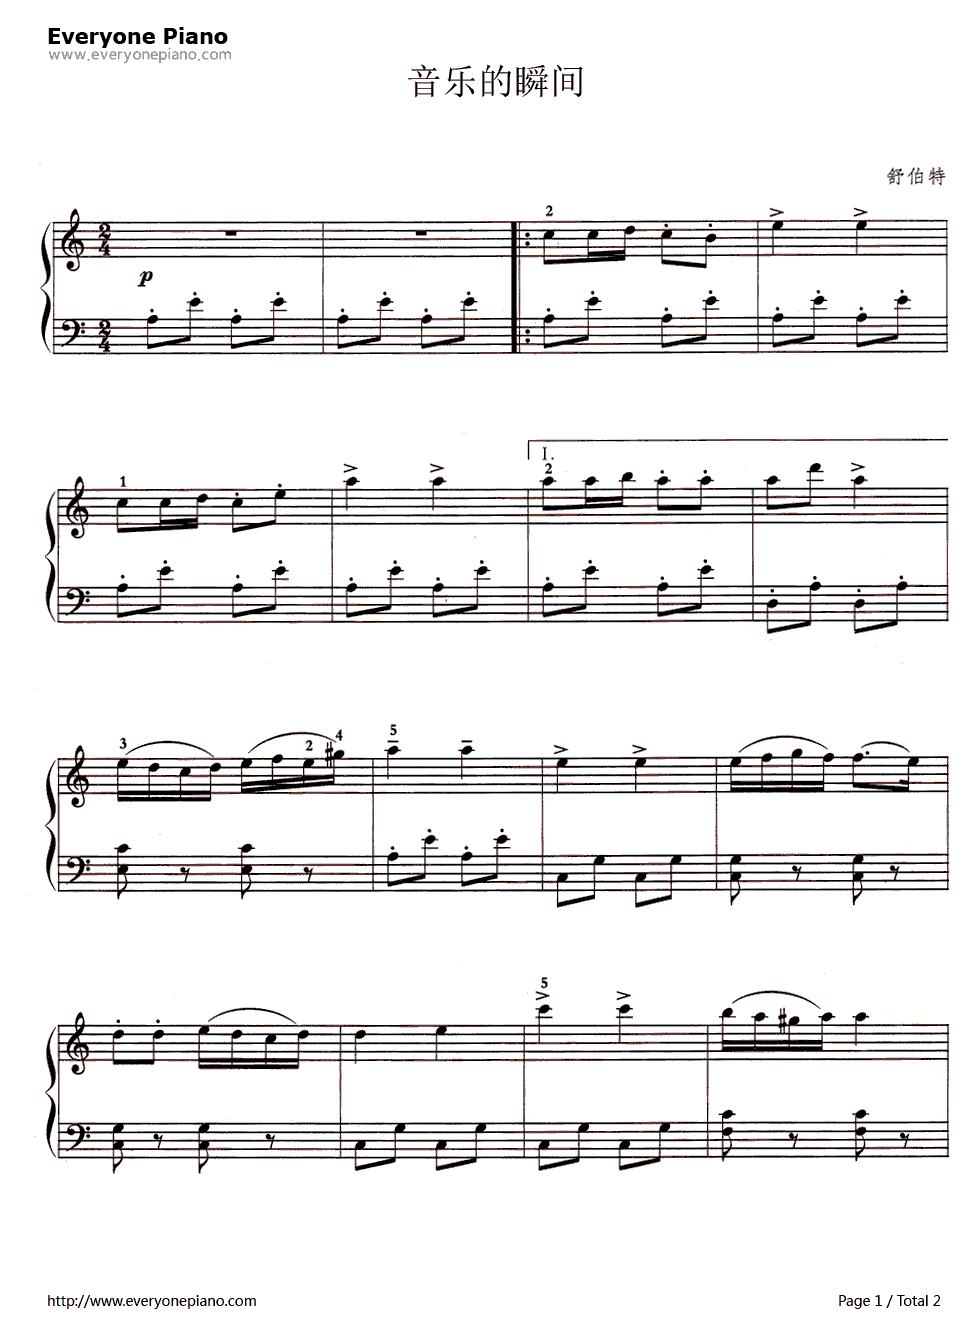 五线谱五线谱预览1-钢琴谱(五线谱,双手简谱)免费下载;; 舒伯特钢琴谱